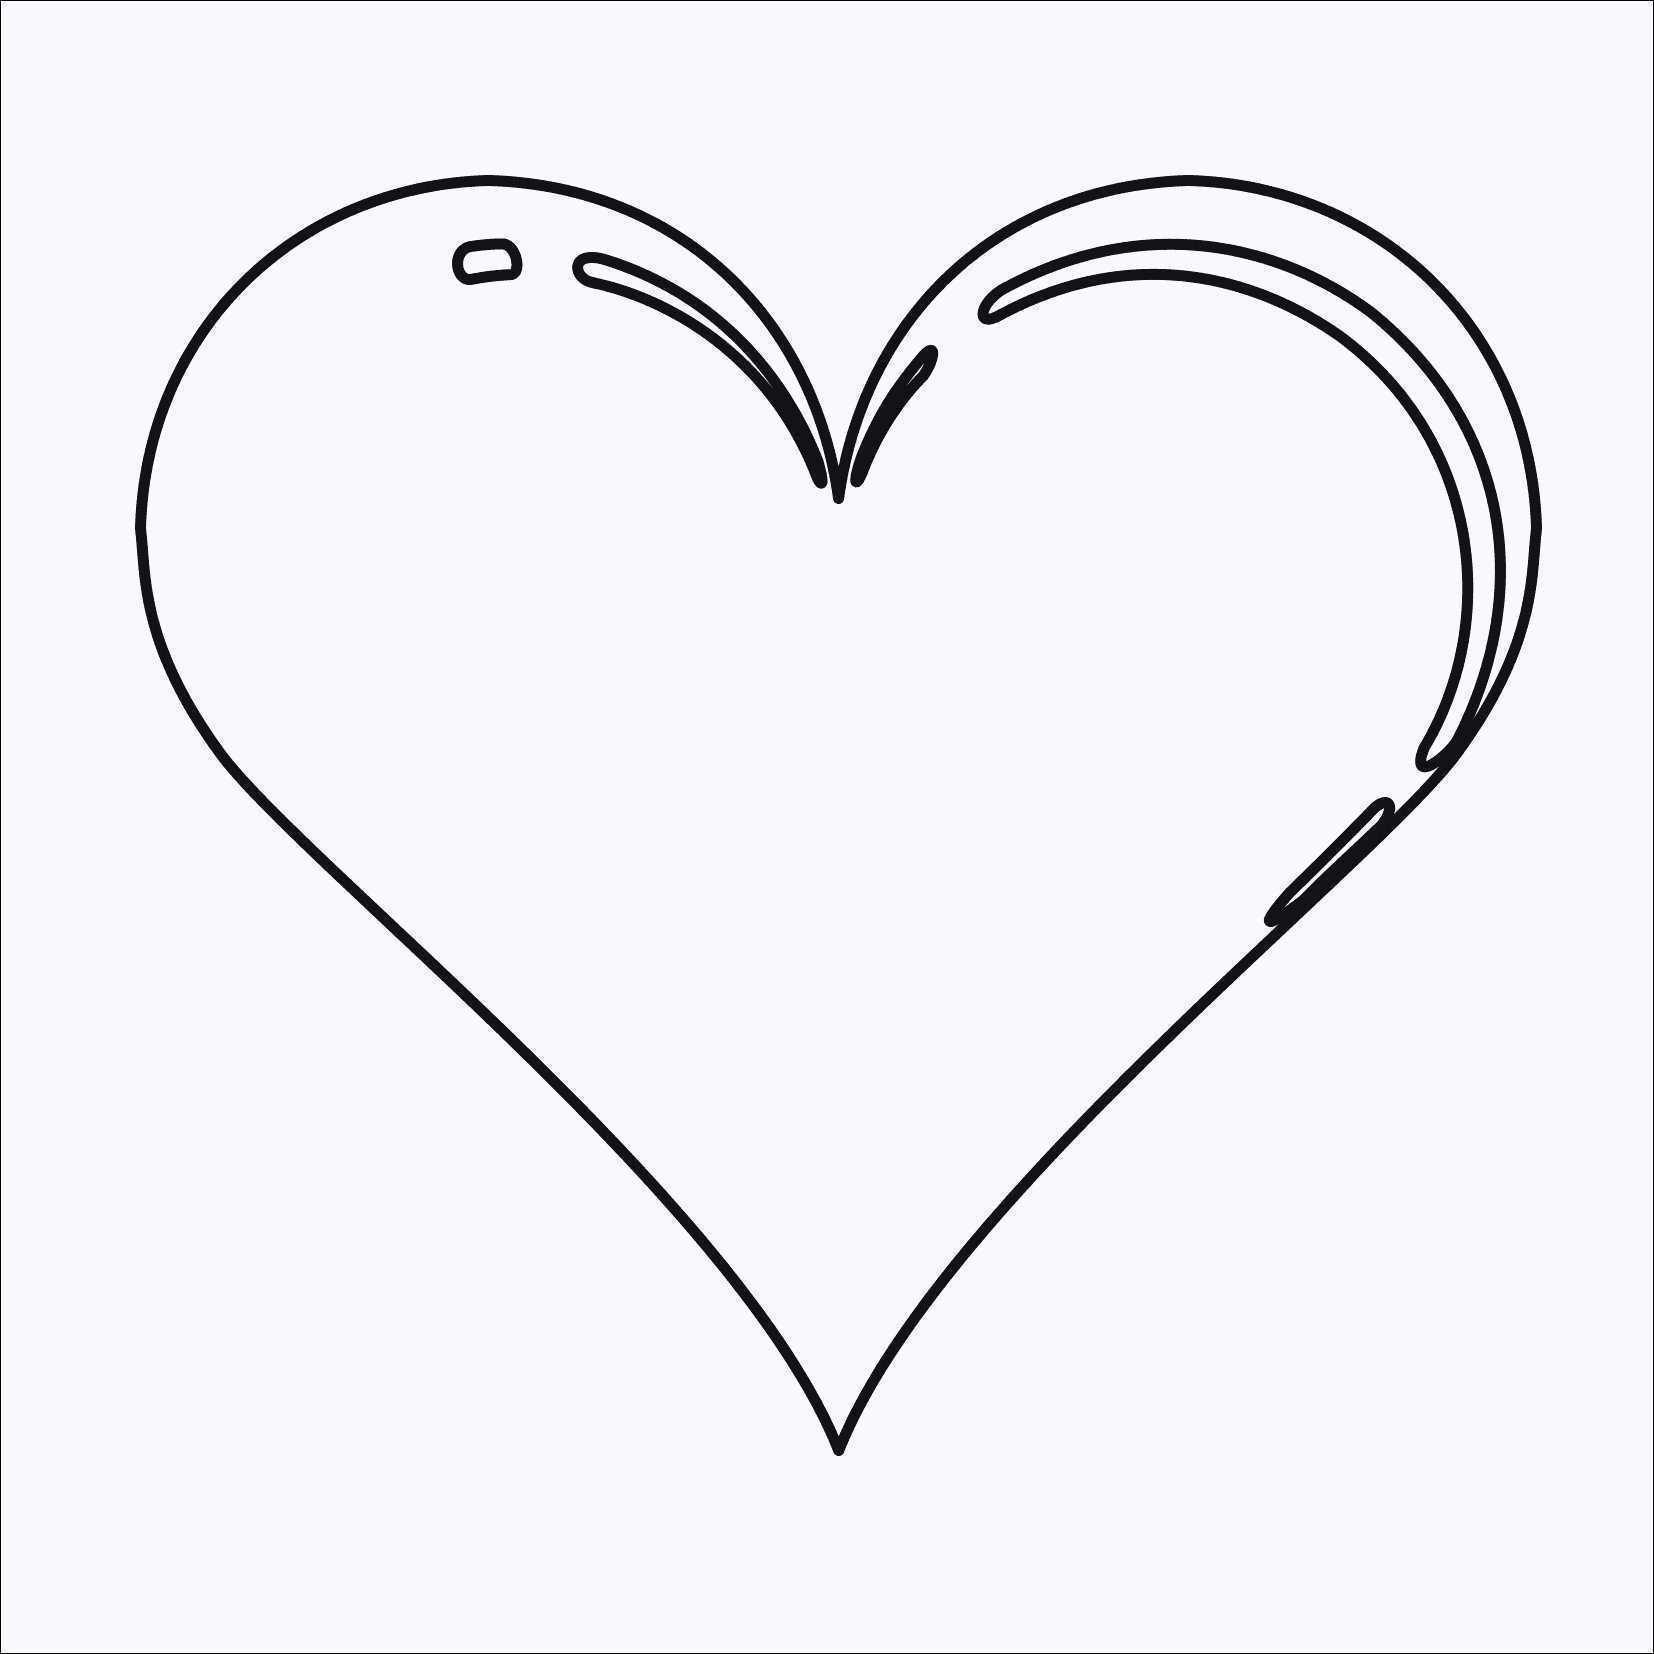 Unique Herz Vorlage Zum Ausdrucken Farbung Malvorlagen Malvorlagenfurkinder Herz Vorlage Kalender Zum Ausdrucken Herz Malvorlage